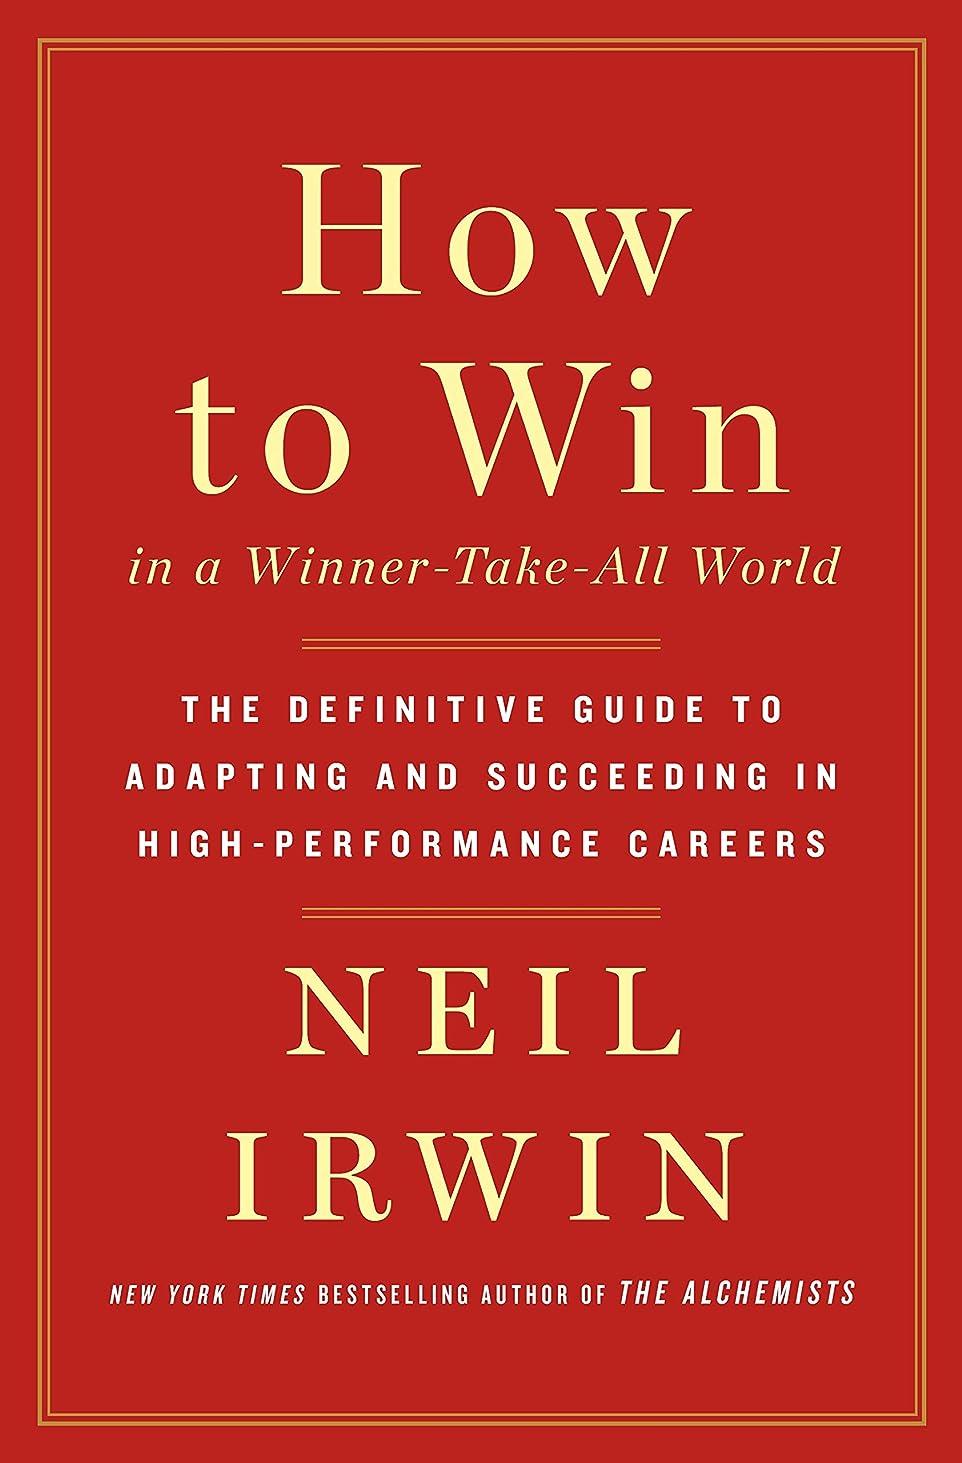 解読する長方形作りHow to Win in a Winner-Take-All World: The Definitive Guide to Adapting and Succeeding in High-Performance Careers (English Edition)